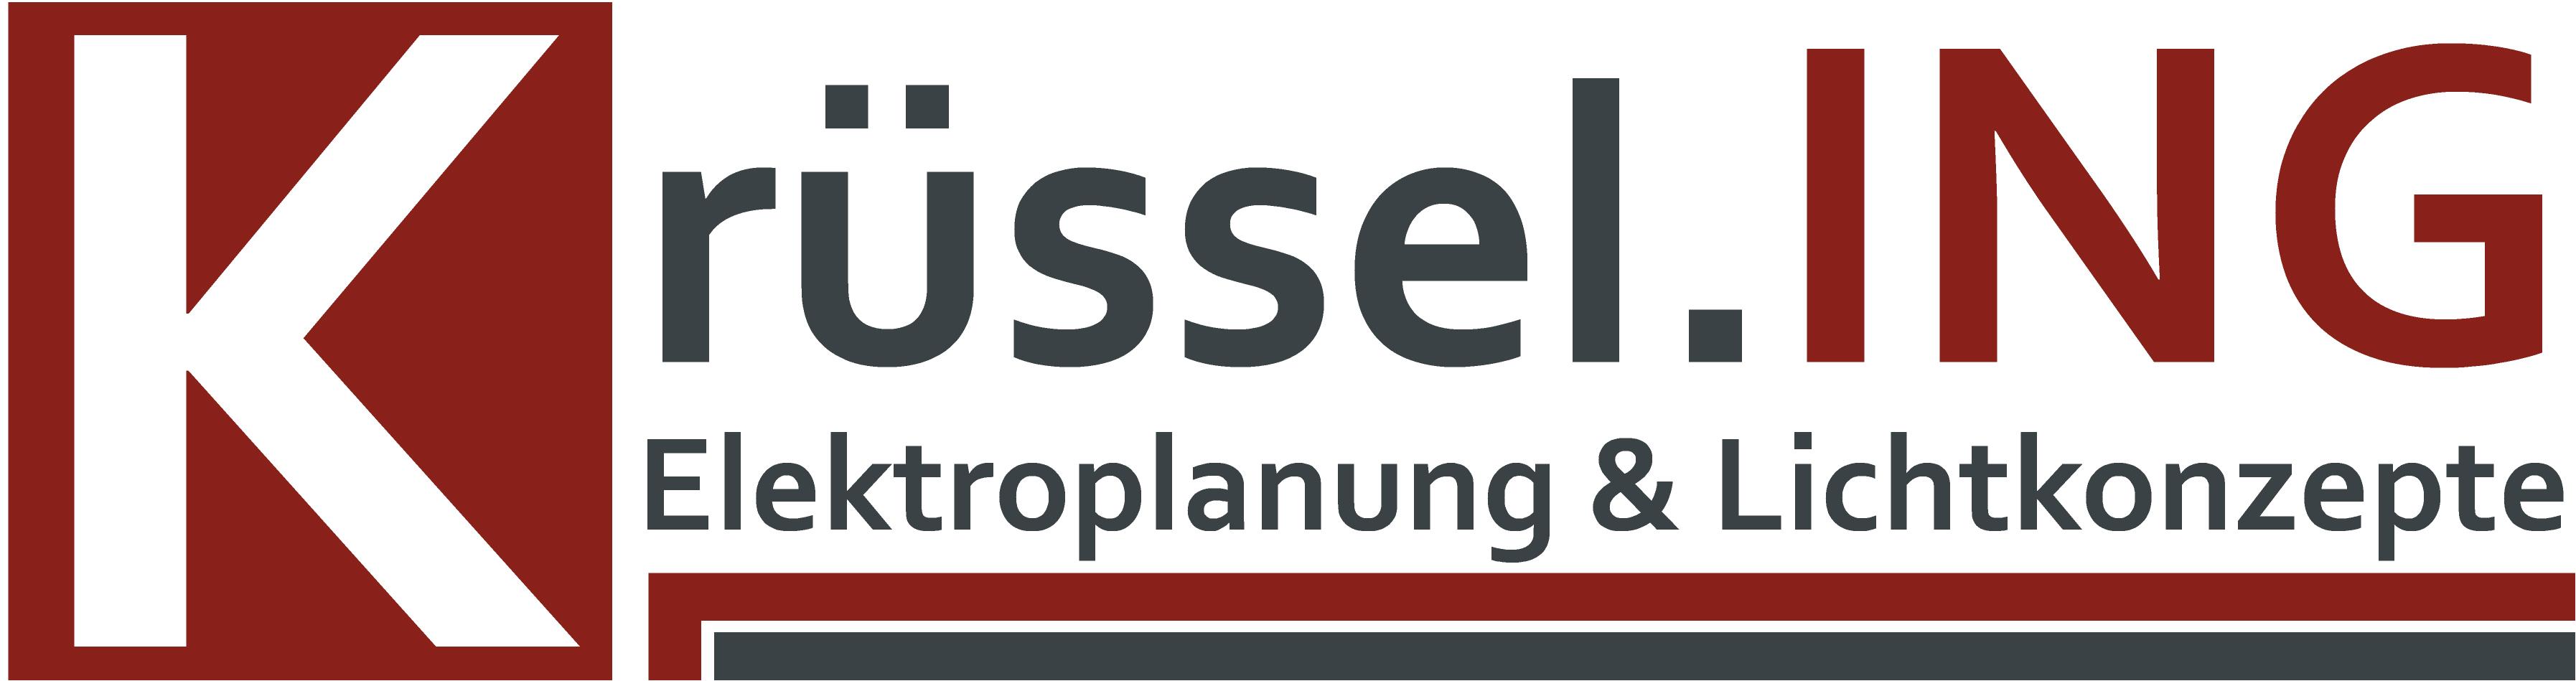 Krüssel Ingenieure –Elektroplanung & Lichtkonzepte